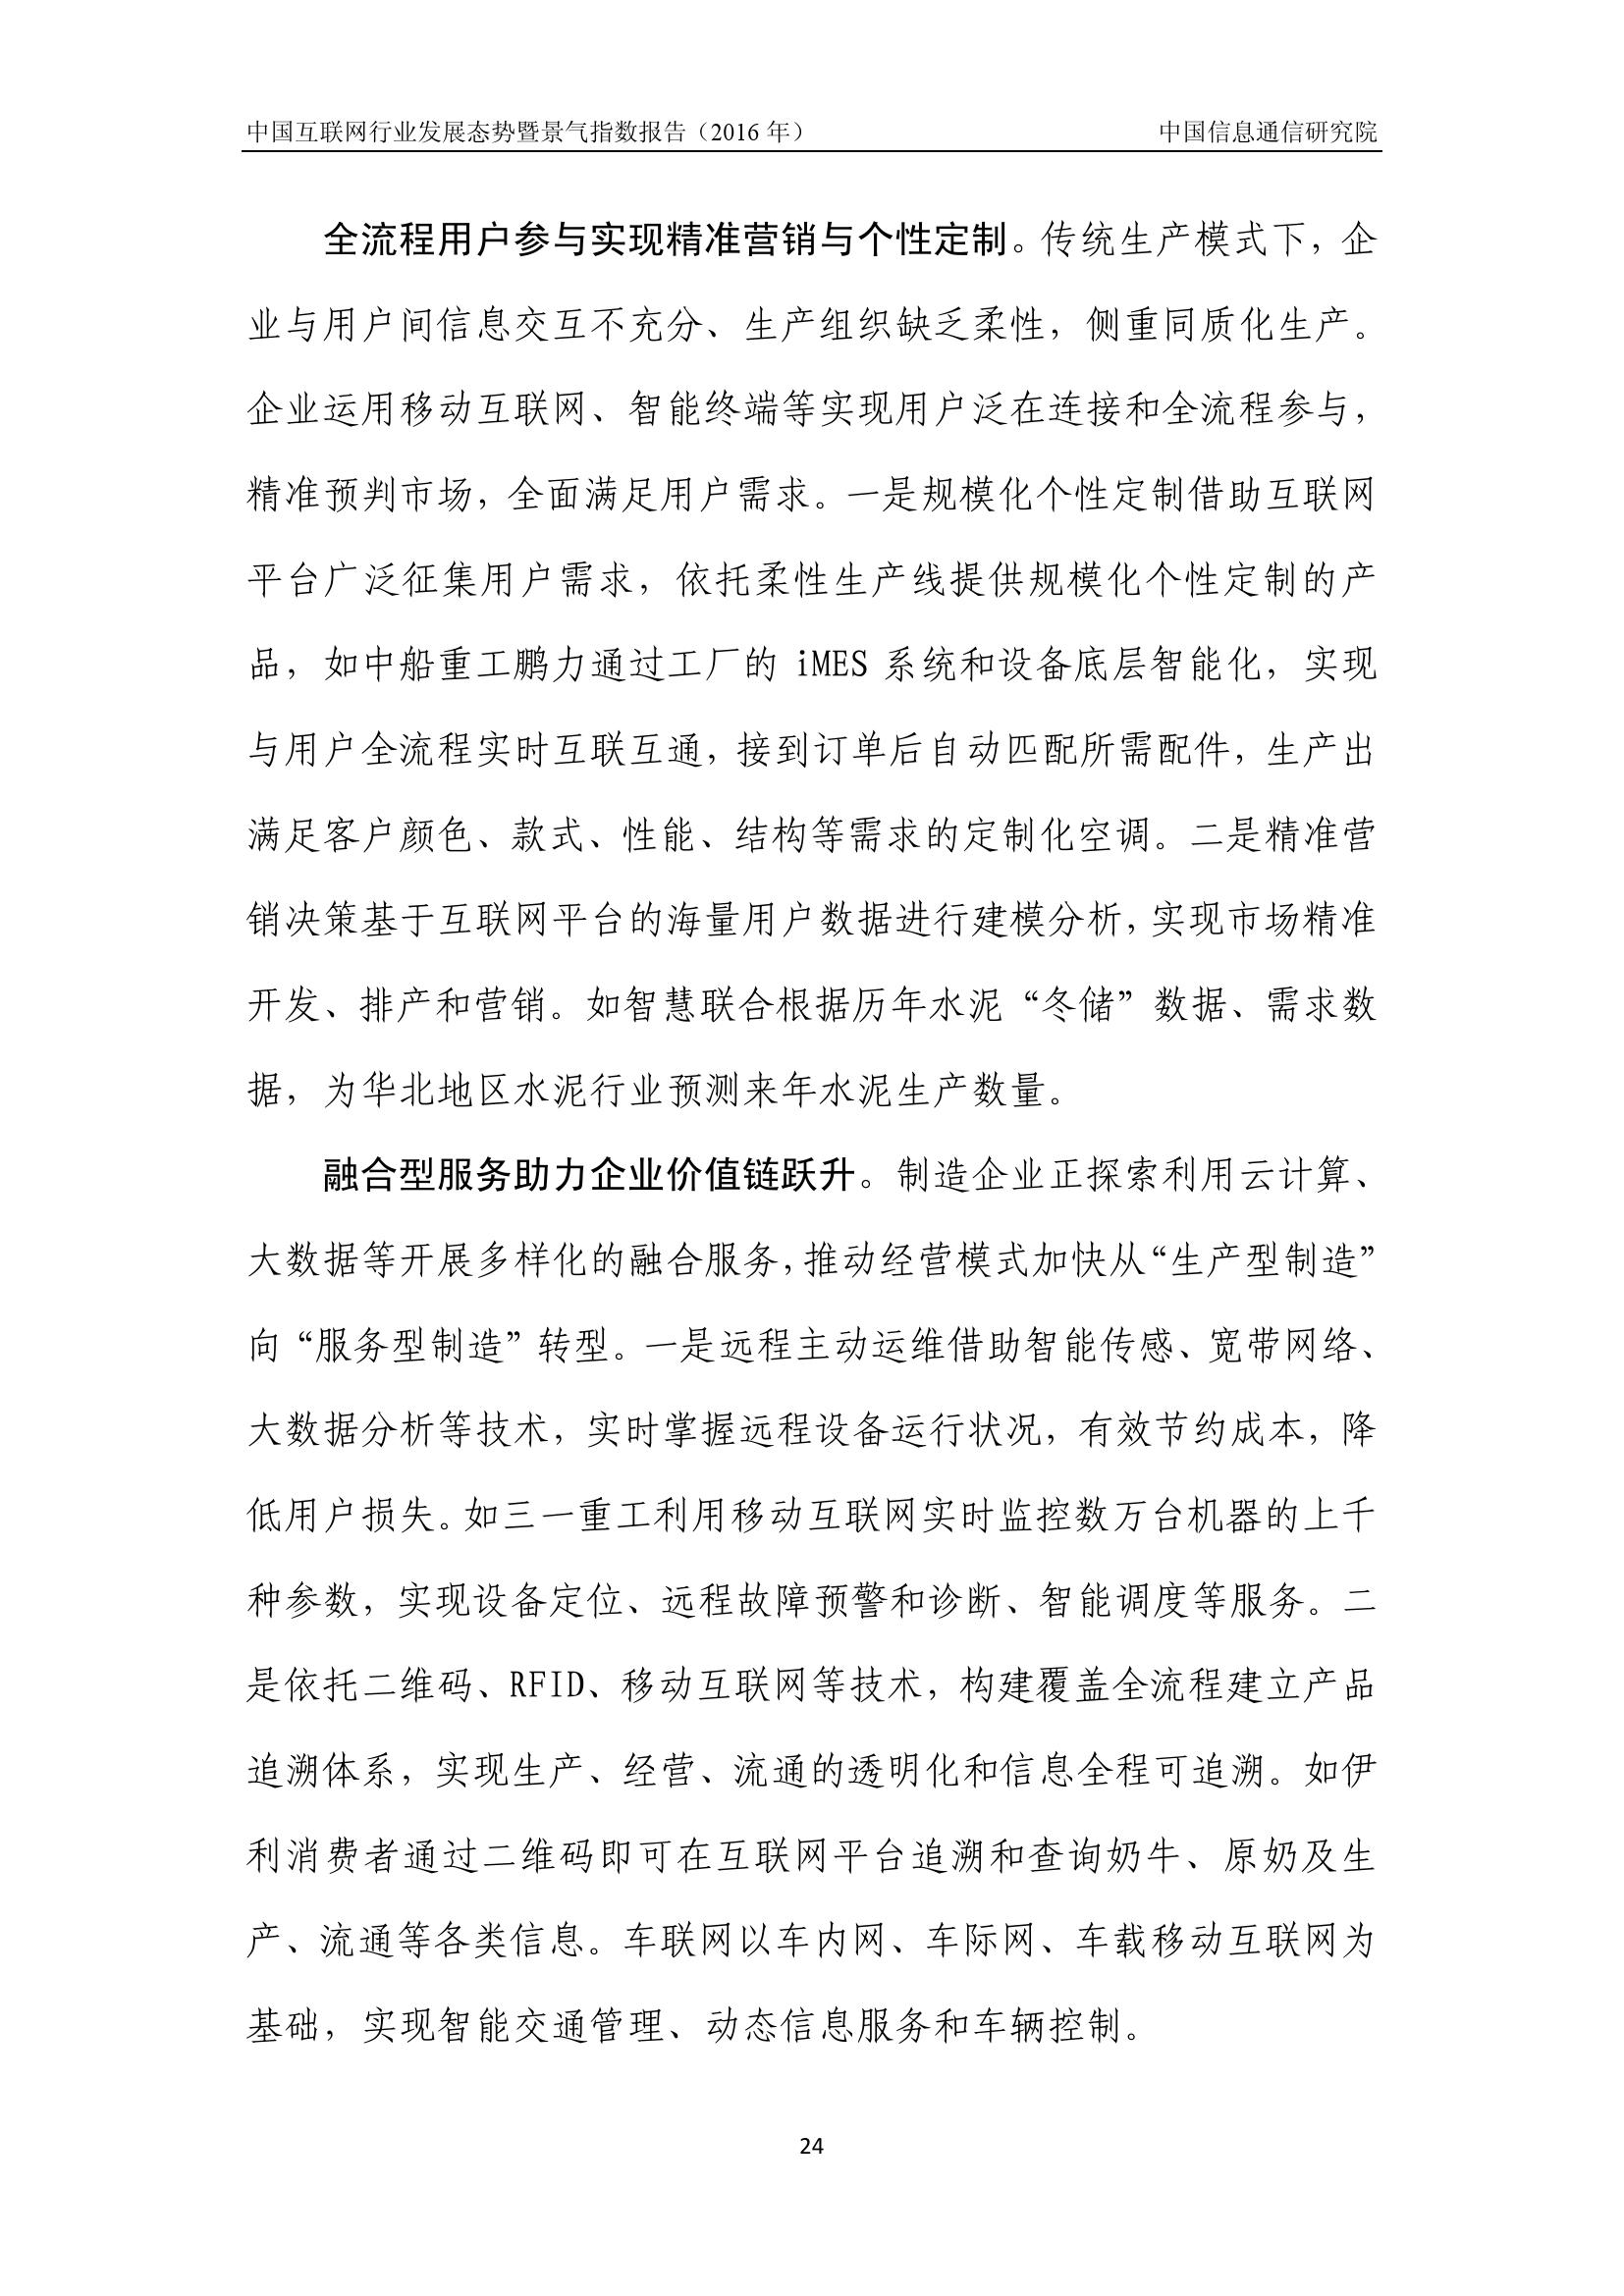 2016年中国互联网行业发展态势暨景气指数报告_000028